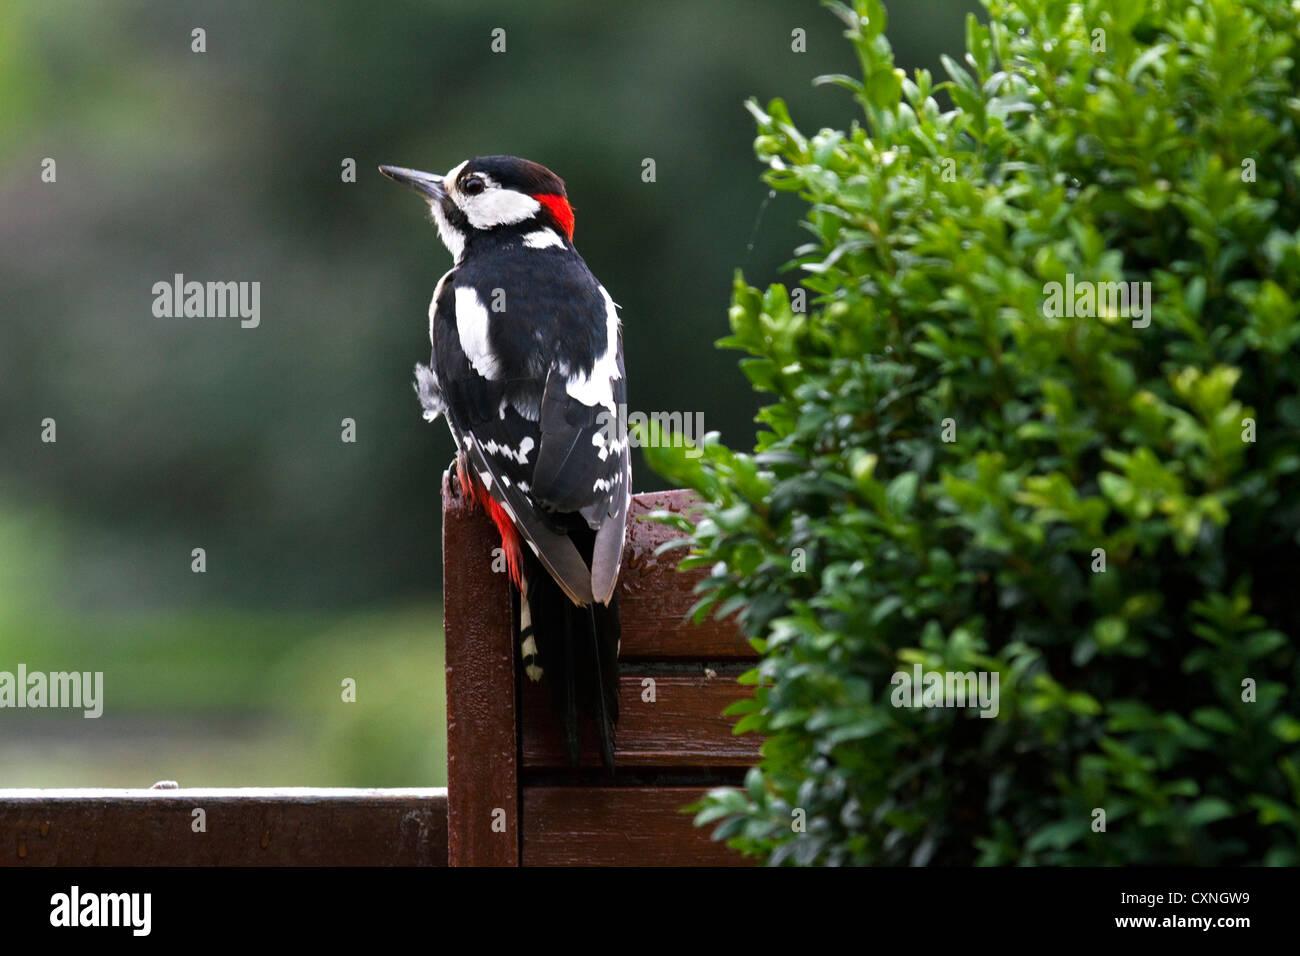 Buntspecht / größere Spotted Woodpecker (Dendrocopos großen) männlich thront auf Gartenstuhl Stockbild